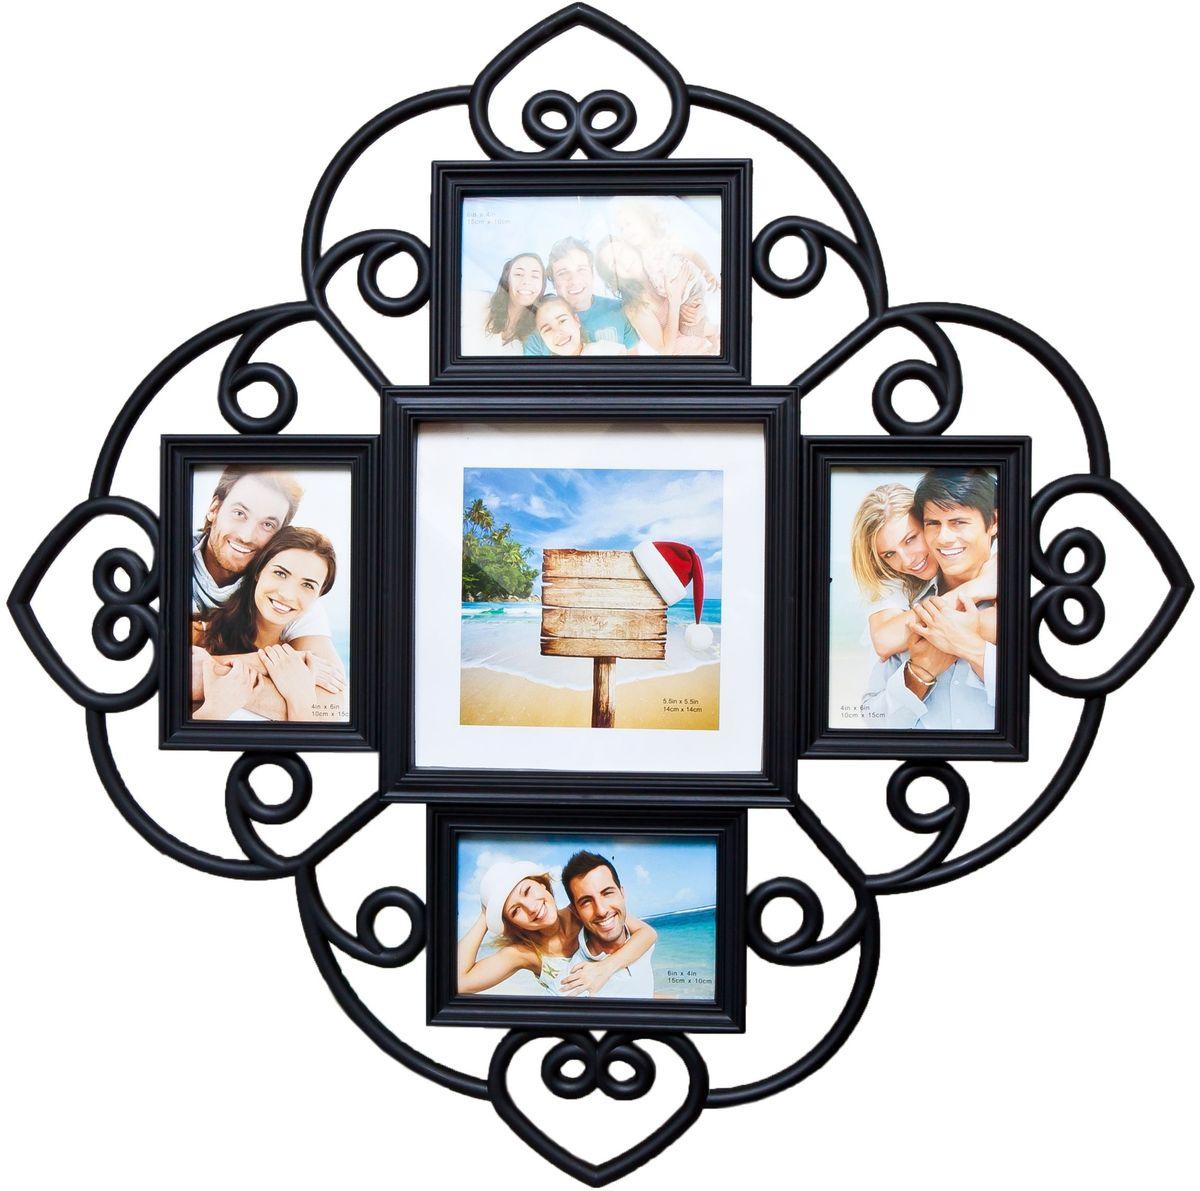 Фоторамка Platinum, цвет: черный, на 5 фото. BH-140528907 4Фоторамка Platinum - прекрасный способ красиво оформить ваши фотографии. Фоторамка выполнена из пластика и защищена стеклом. Фоторамка-коллаж представляет собой пять фоторамок для фото разного размера оригинально соединенных между собой. Такая фоторамка поможет сохранить в памяти самые яркие моменты вашей жизни, а стильный дизайн сделает ее прекрасным дополнением интерьера комнаты. Фоторамка подходит для 4 фото 10 х 15 см и 1 фото 14 х 14 см.Общий размер фоторамки: 53 х 53 см.